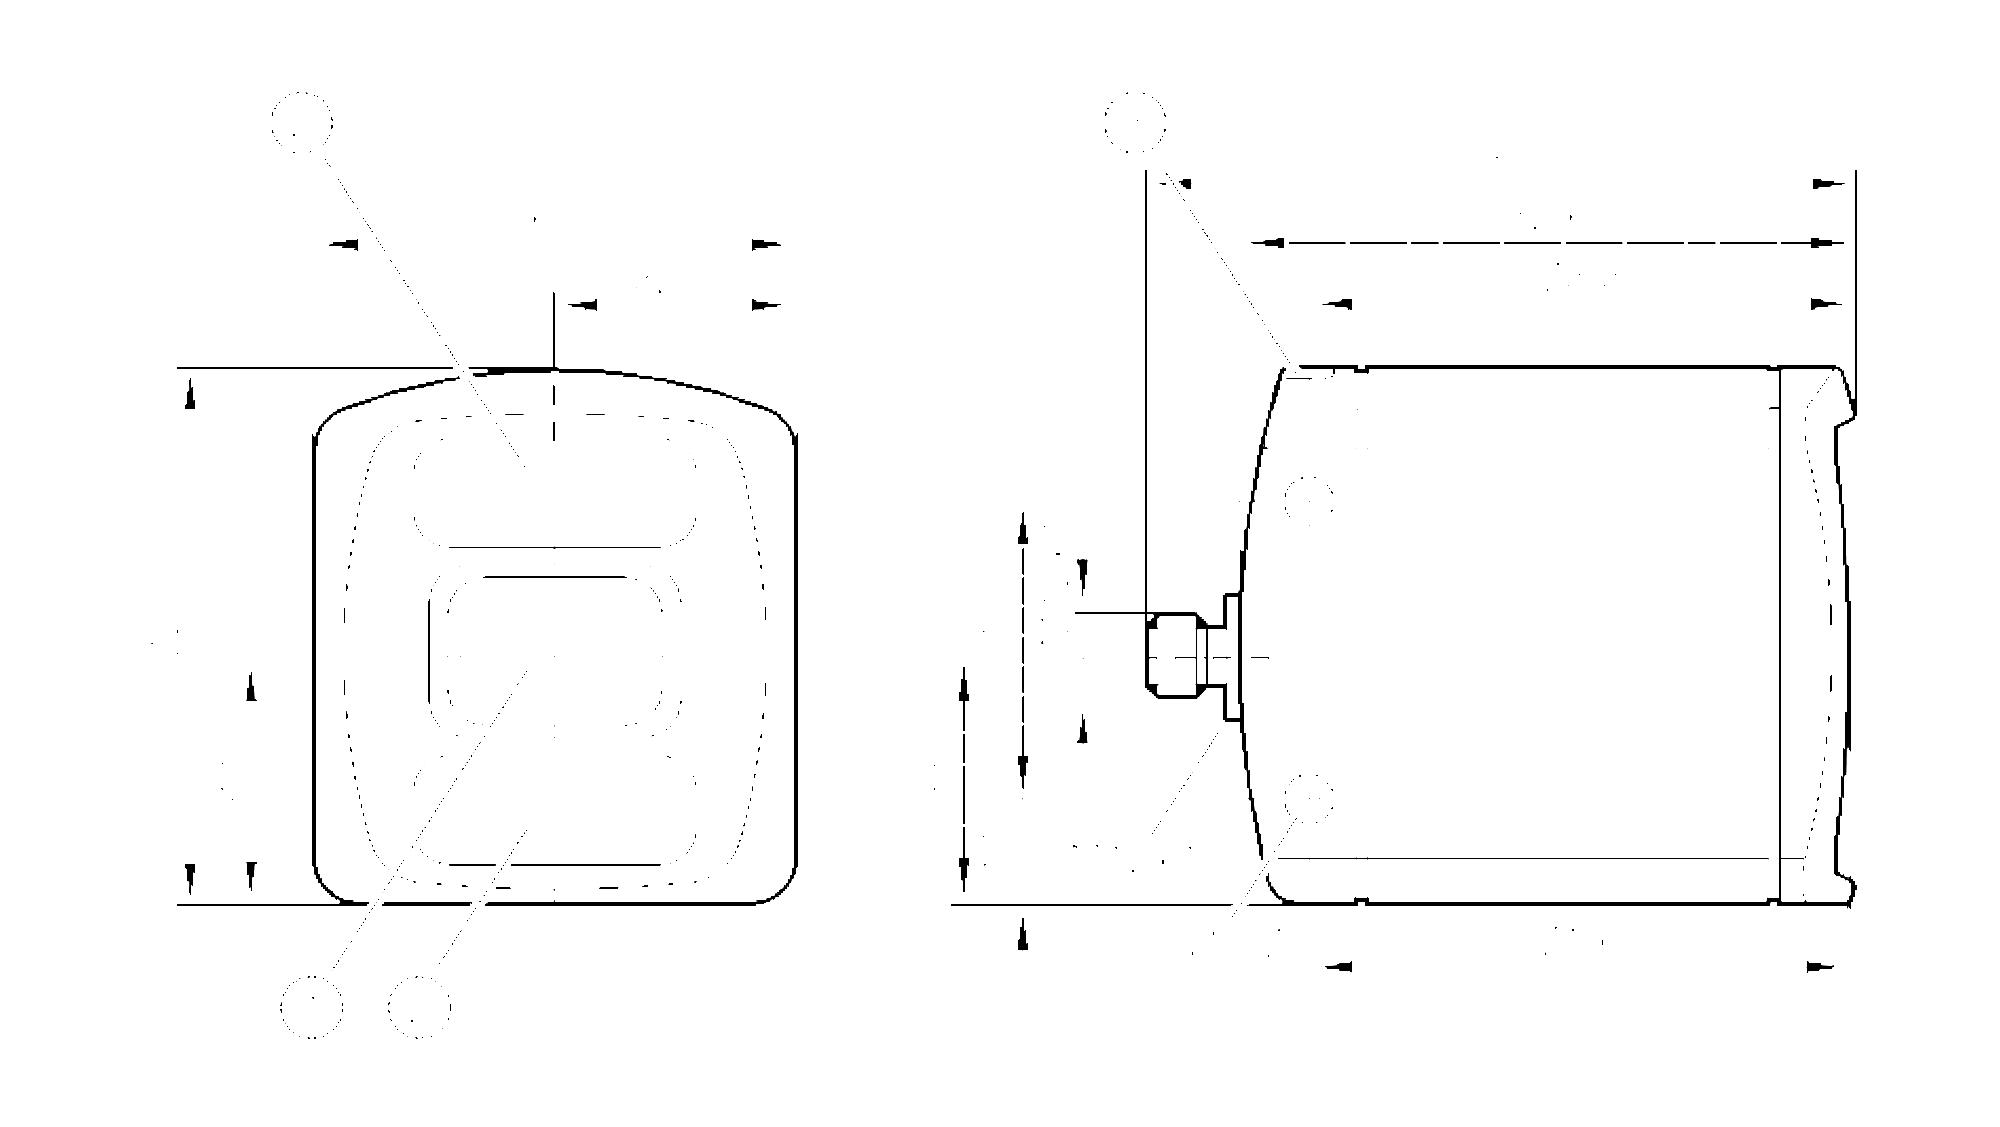 o3d312 - 3d sensor